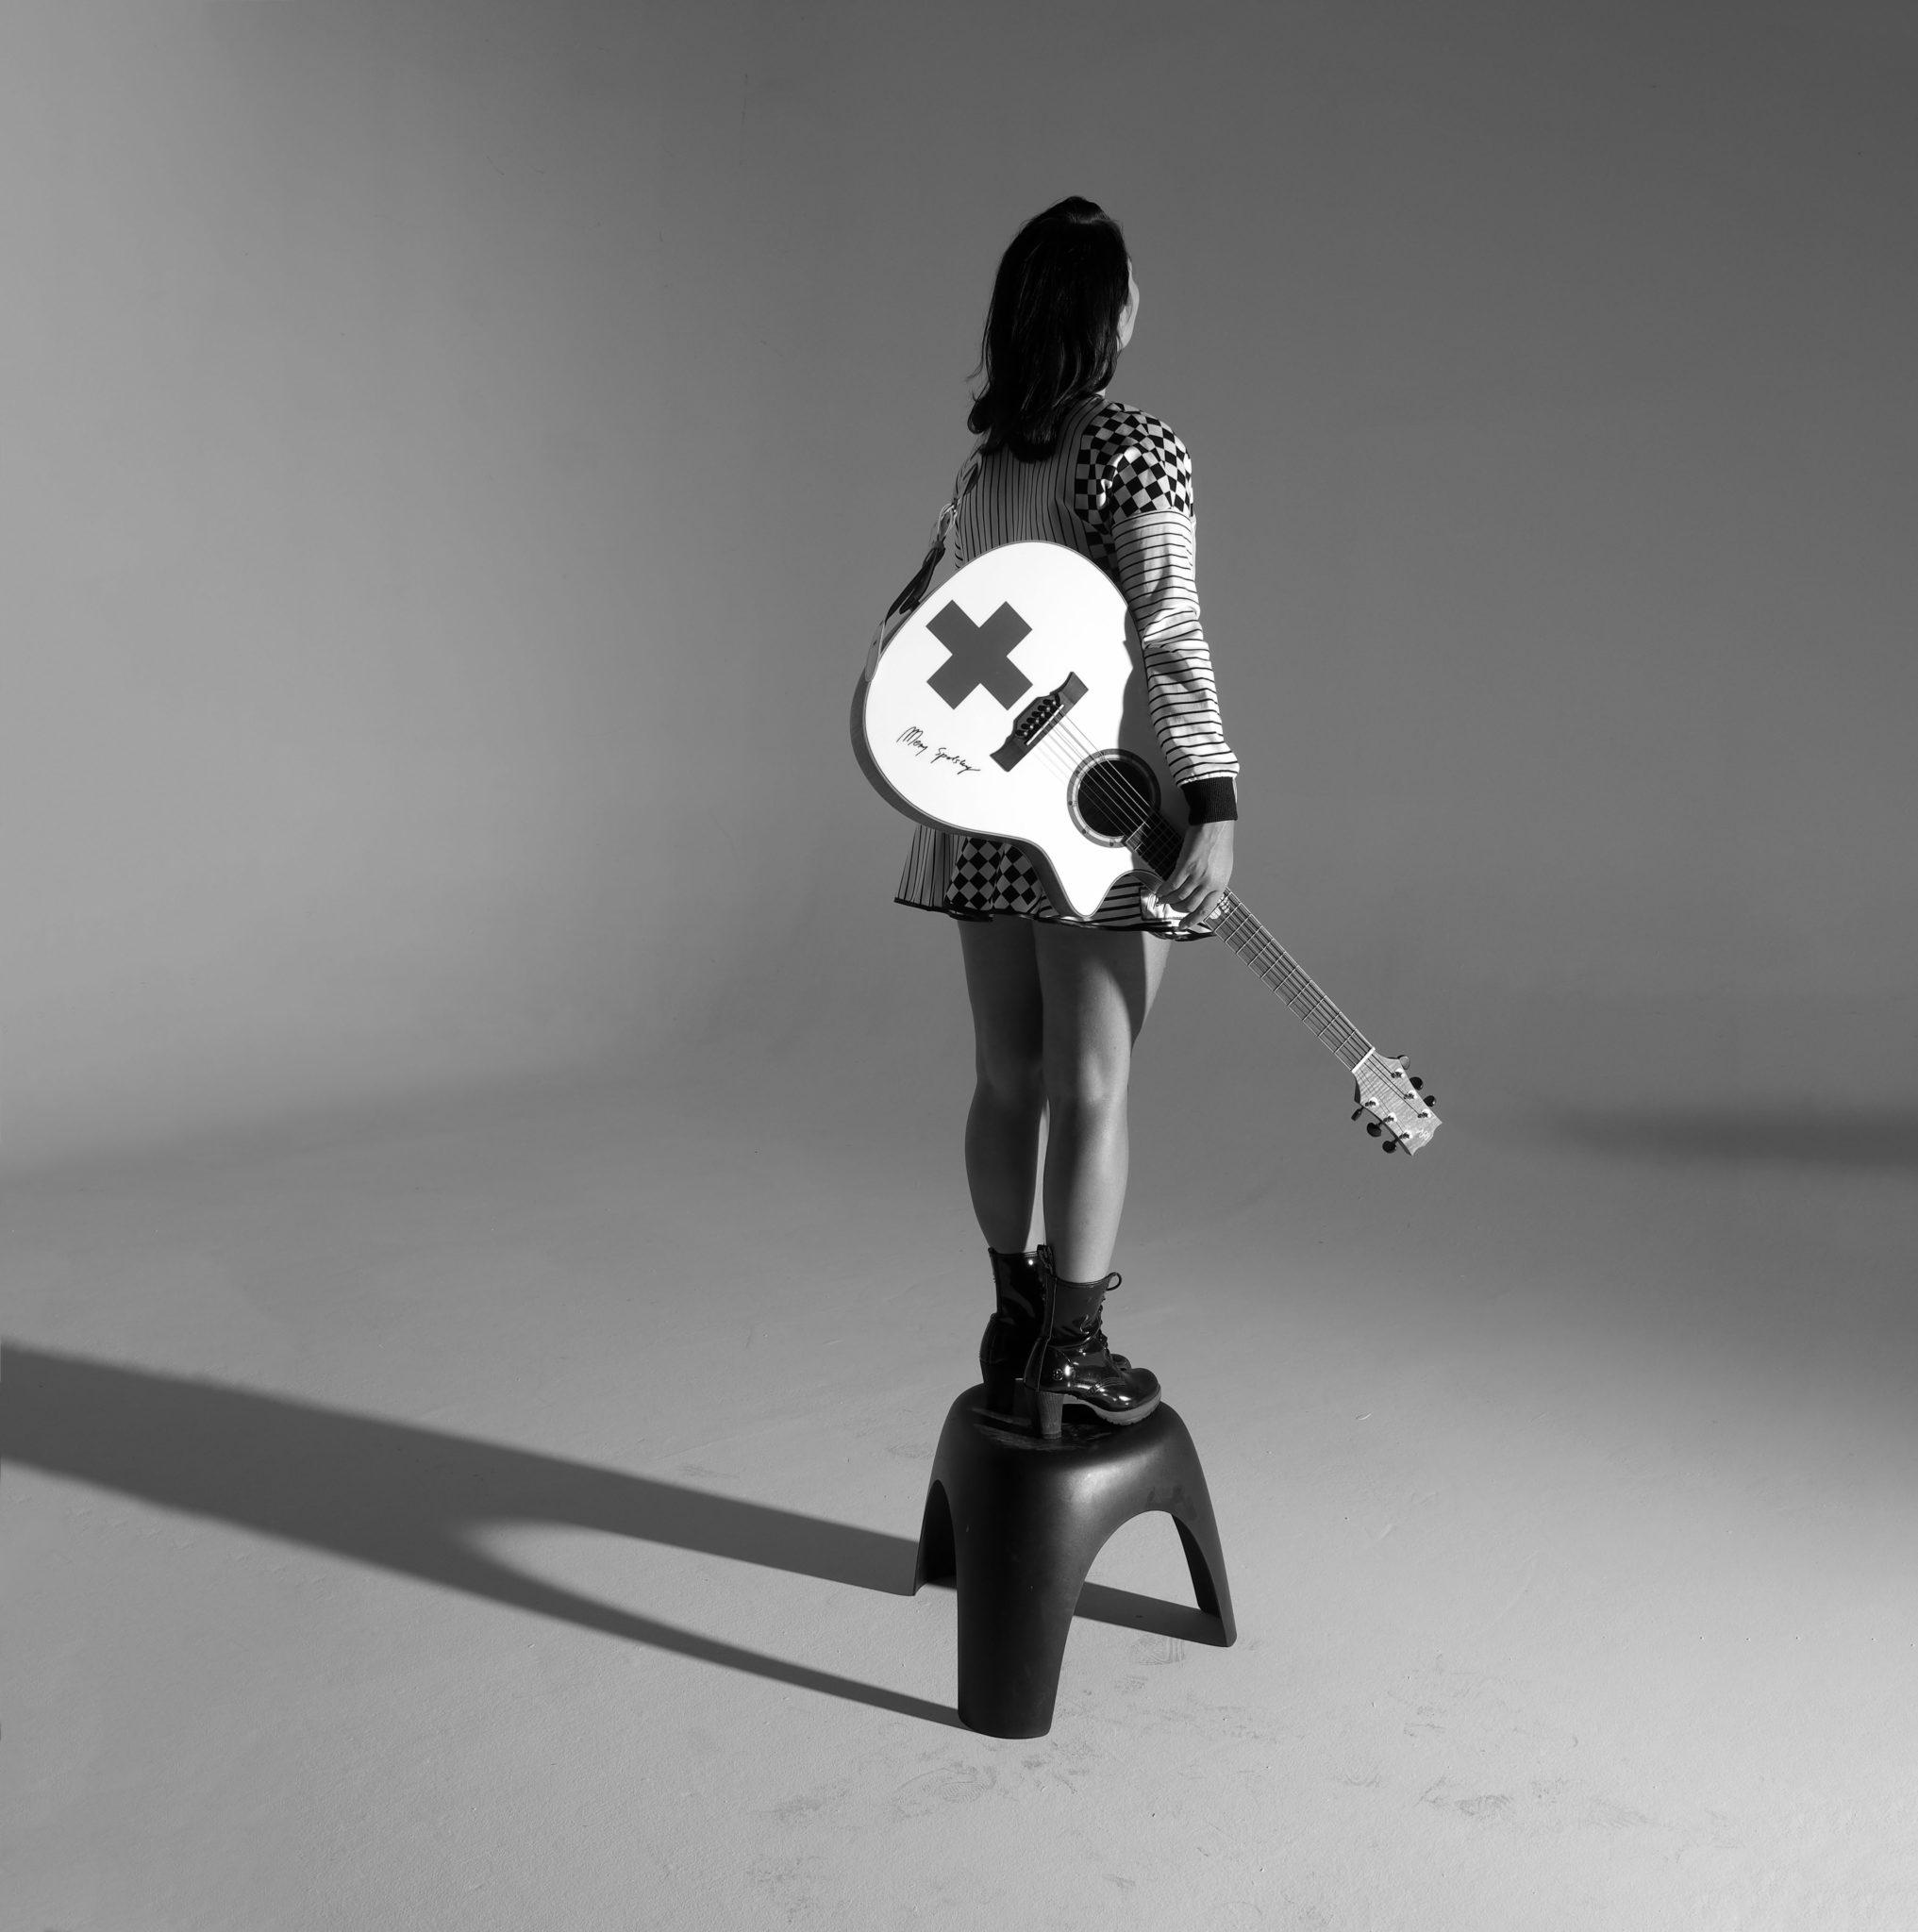 Na czarno bialym zdjeciu widzimy mloda kobiete odwrocona plecami trzymajaca w reku gitare